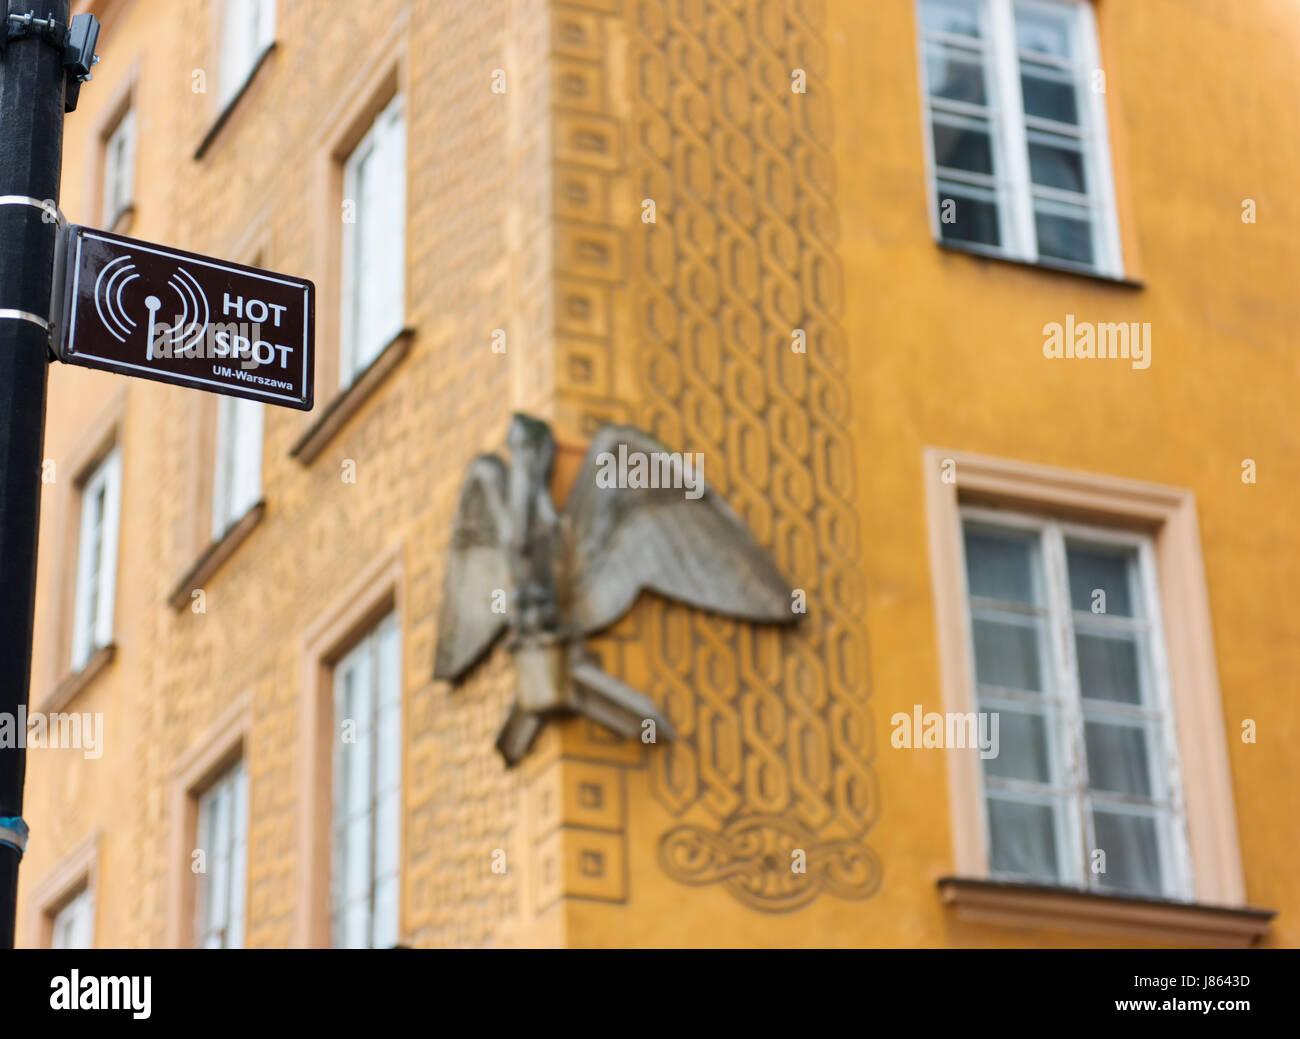 Un hot spot, localidad donde hay wifi disponible, en el Casco Antiguo de Varsovia con características arquitectónicas Imagen De Stock